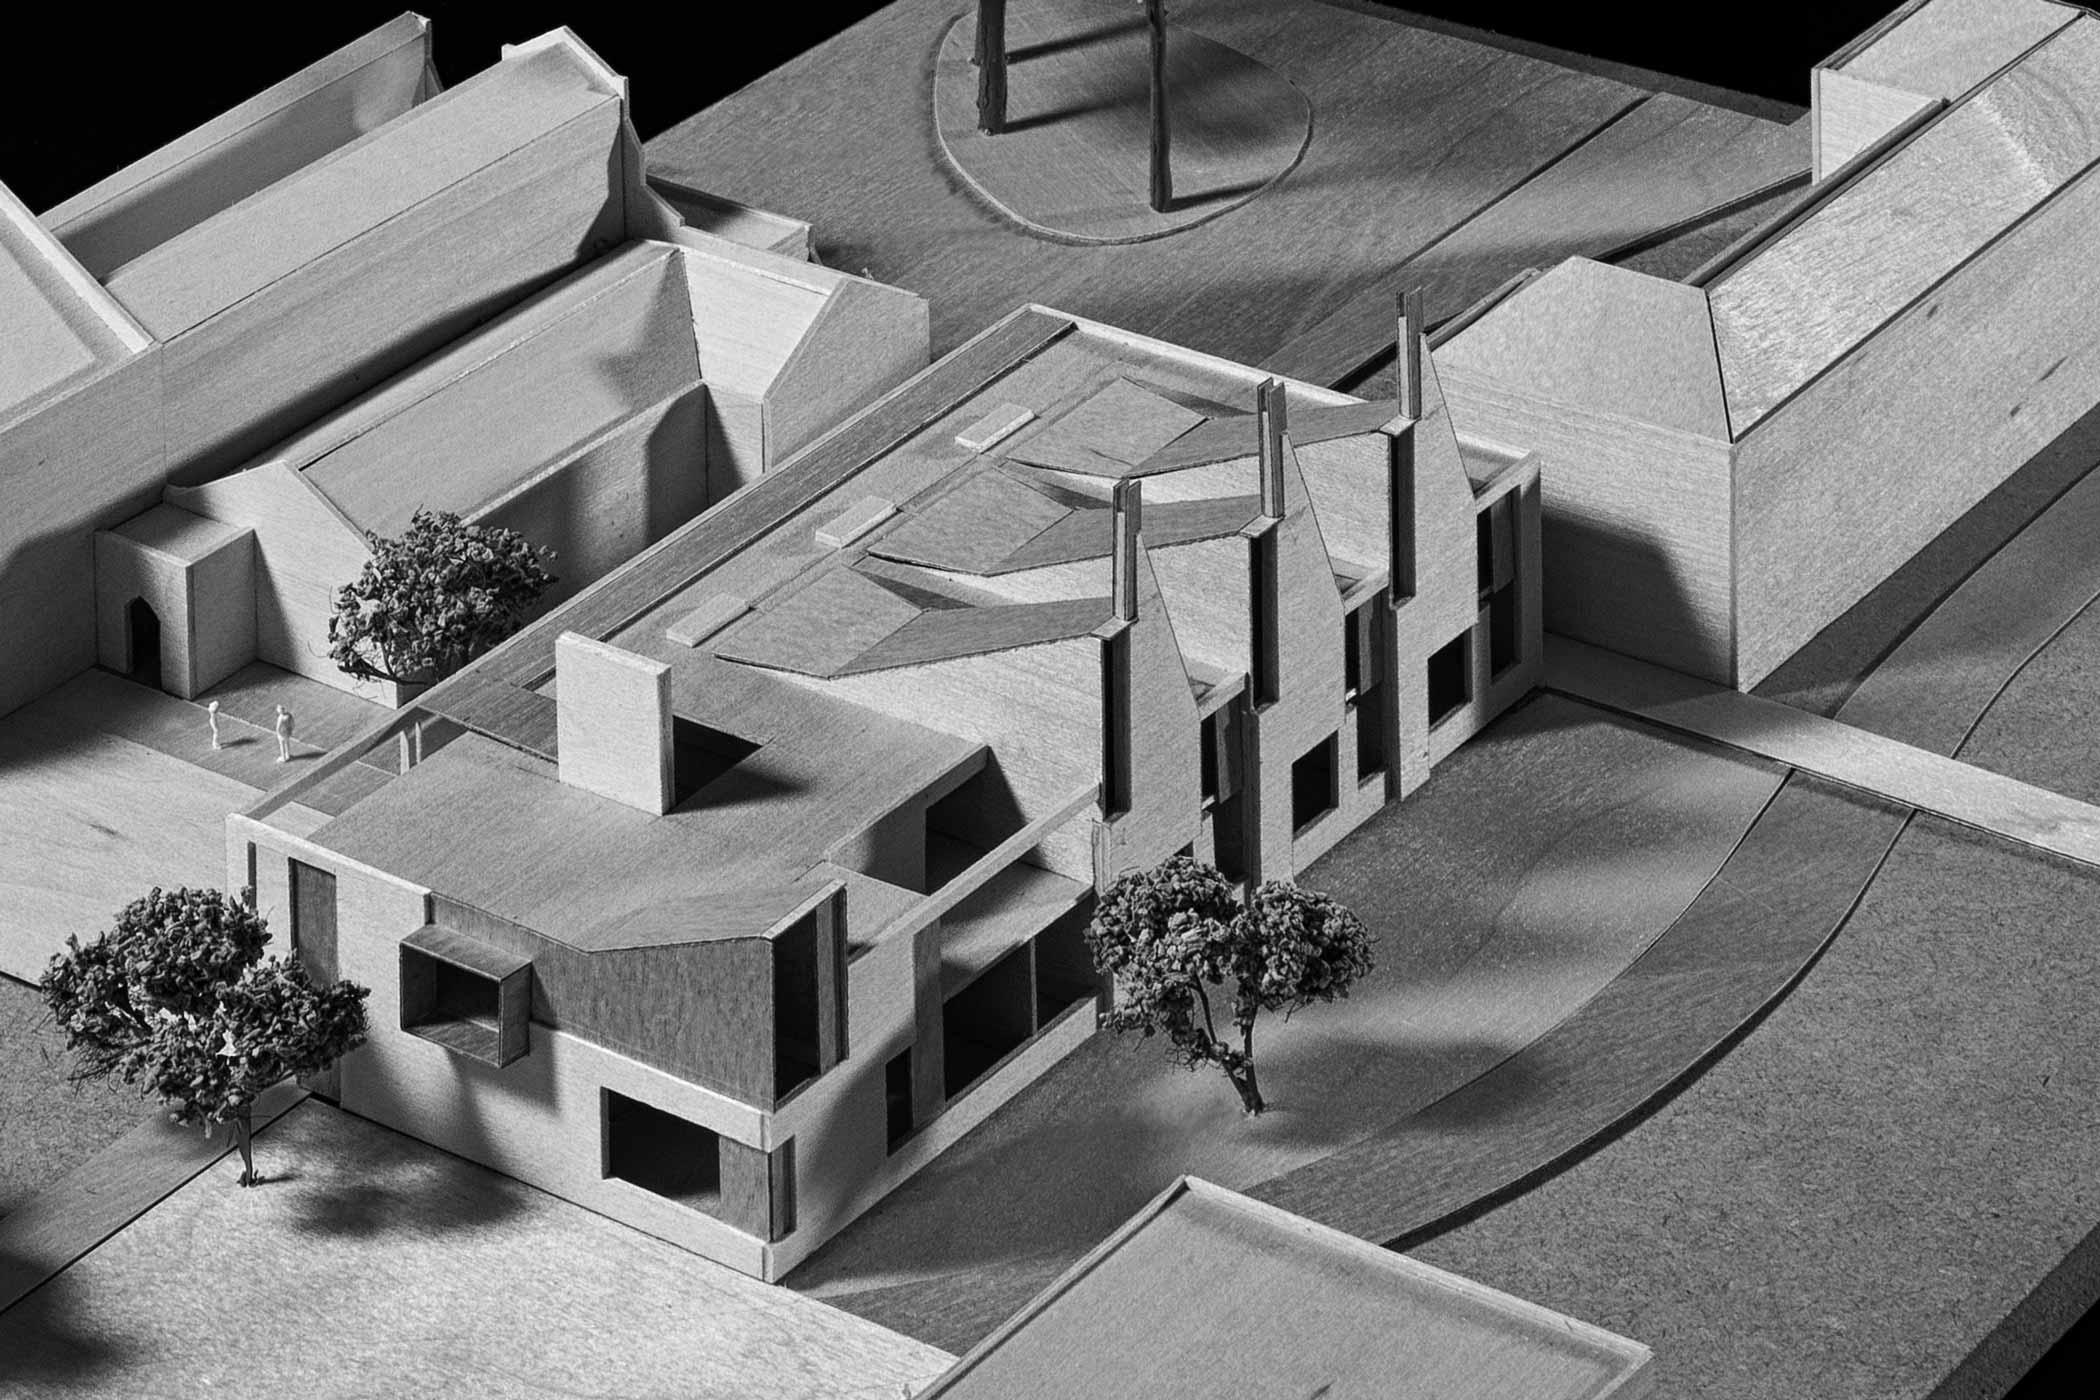 Charterhouse Science Model